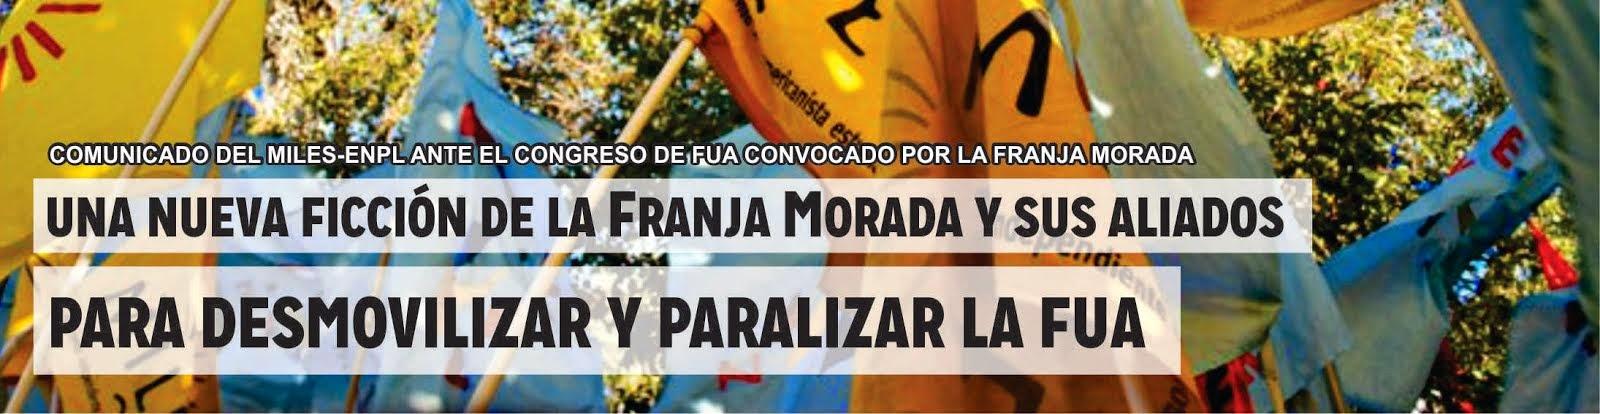 UNA NUEVA FICCIÓN DE LA FRANJA MORADA Y SUS ALIADOS PARA DESMOVILIZAR Y PARALIZAR LA FUA